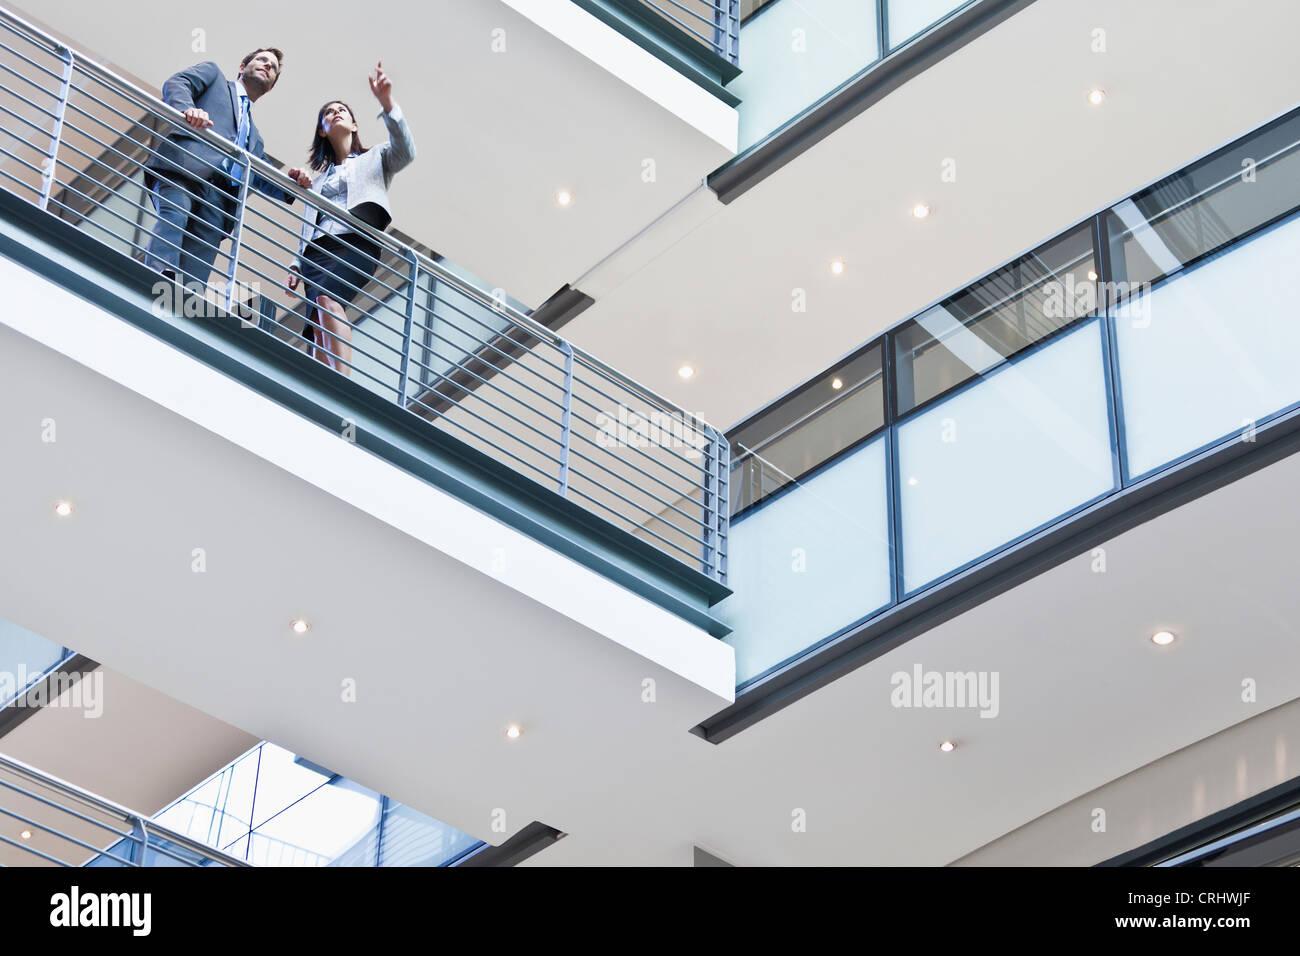 La gente di affari a parlare sul balcone Immagini Stock